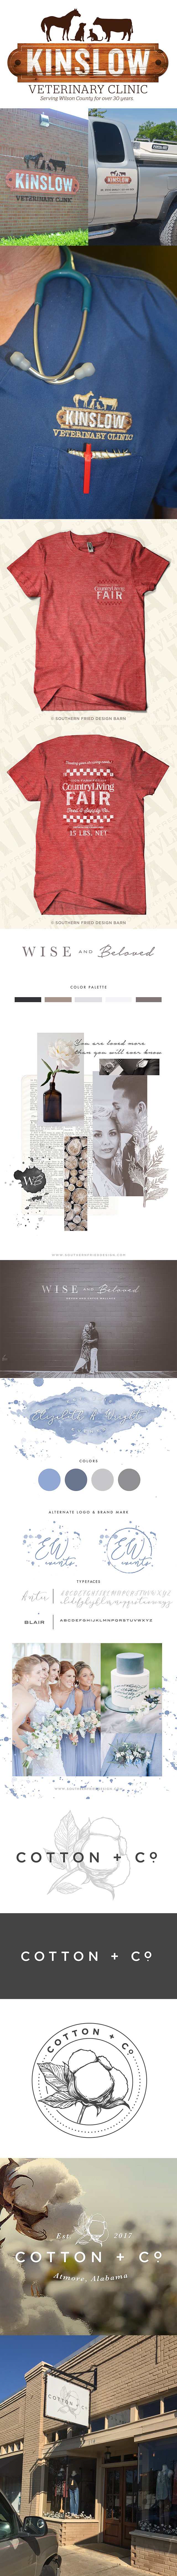 sfdb-website-design-portfolio-v2.jpg